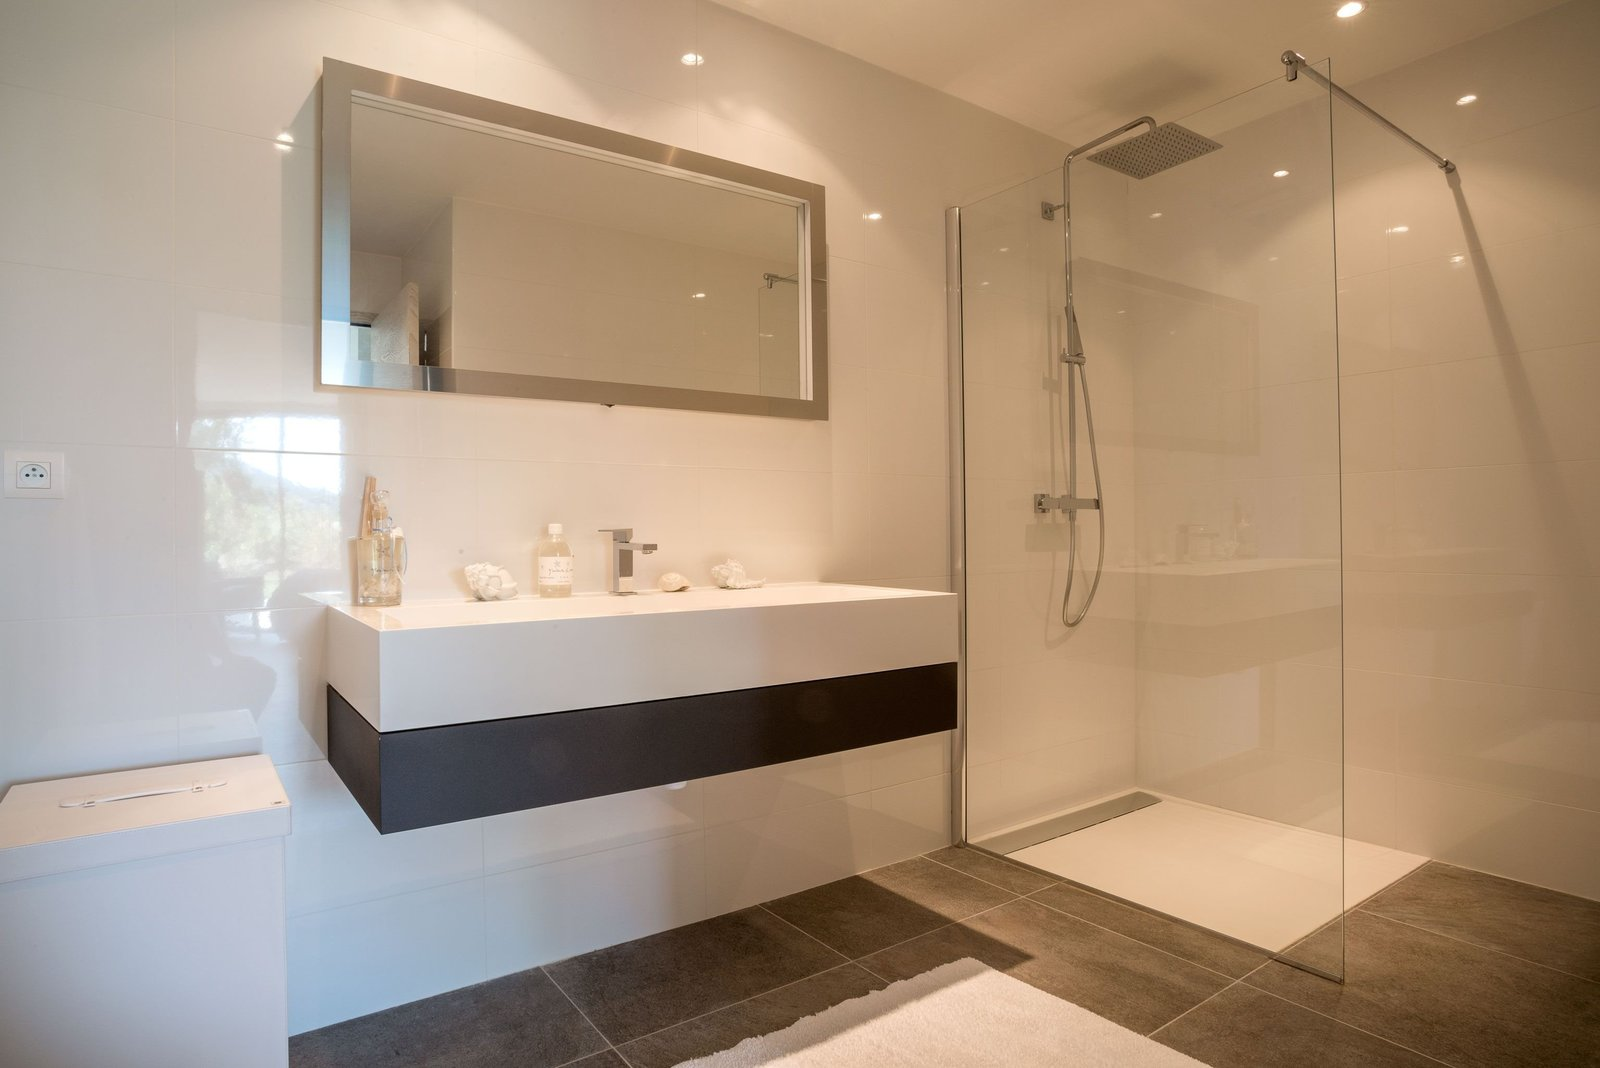 Isolation thermique et acoustique dans une salle d\'eau